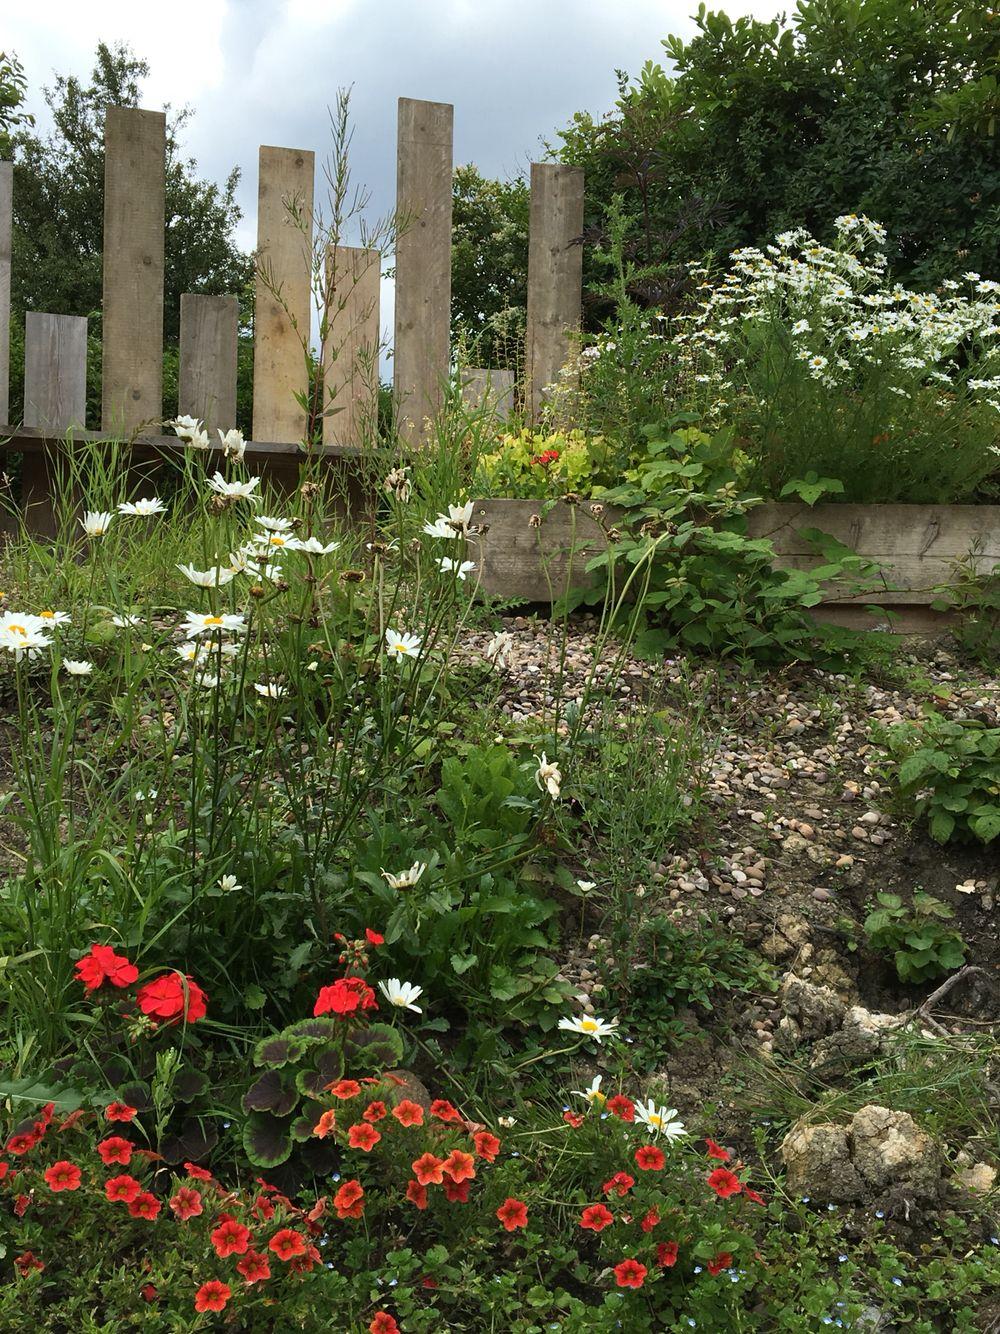 jcgardendesign: Garden Design Nottingham